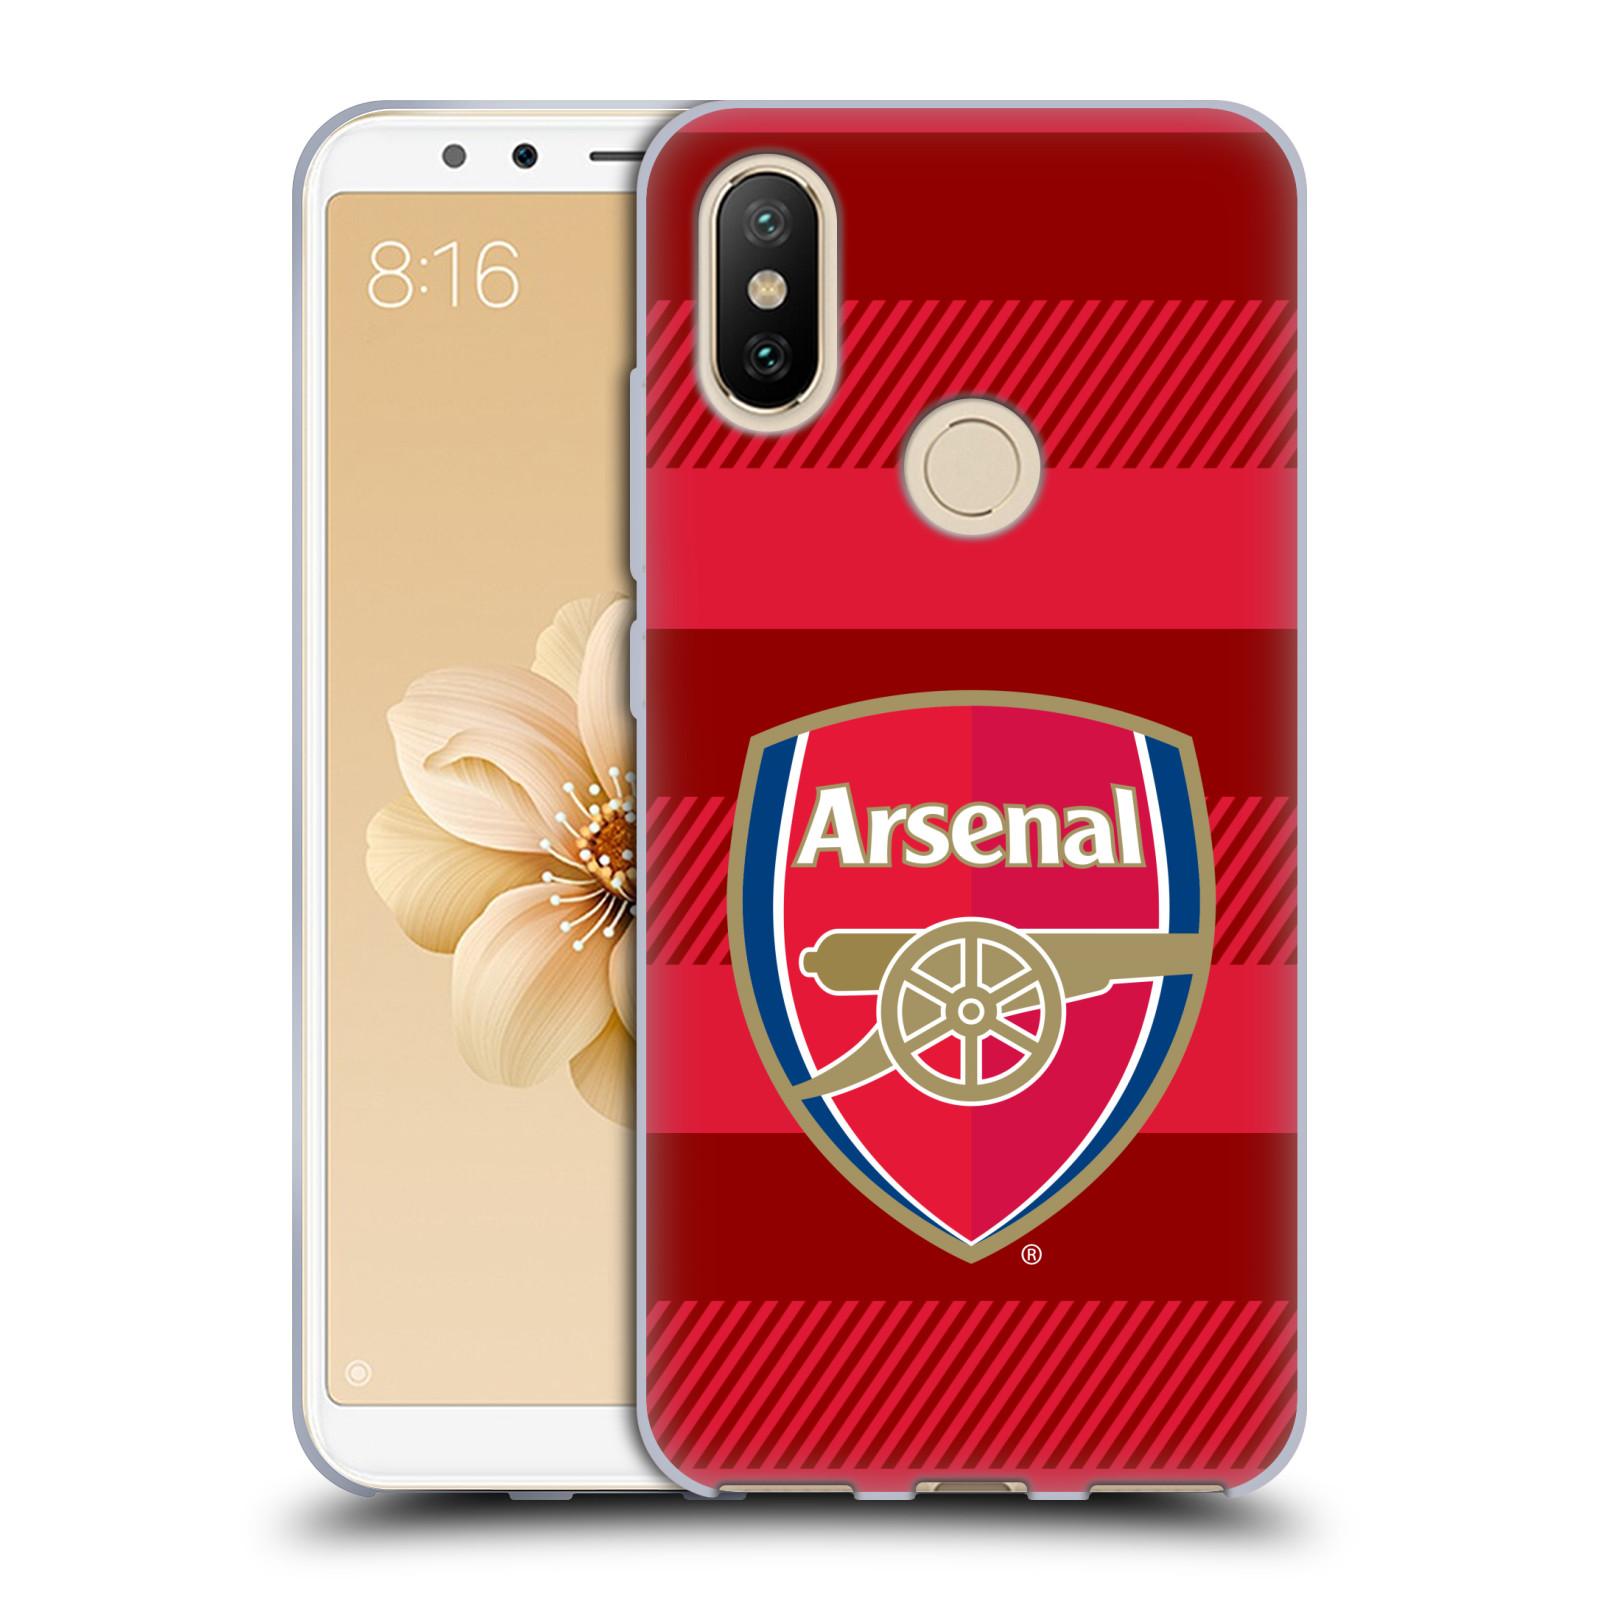 Silikonové pouzdro na mobil Xiaomi Mi A2 - Head Case - Arsenal FC - Logo s pruhy